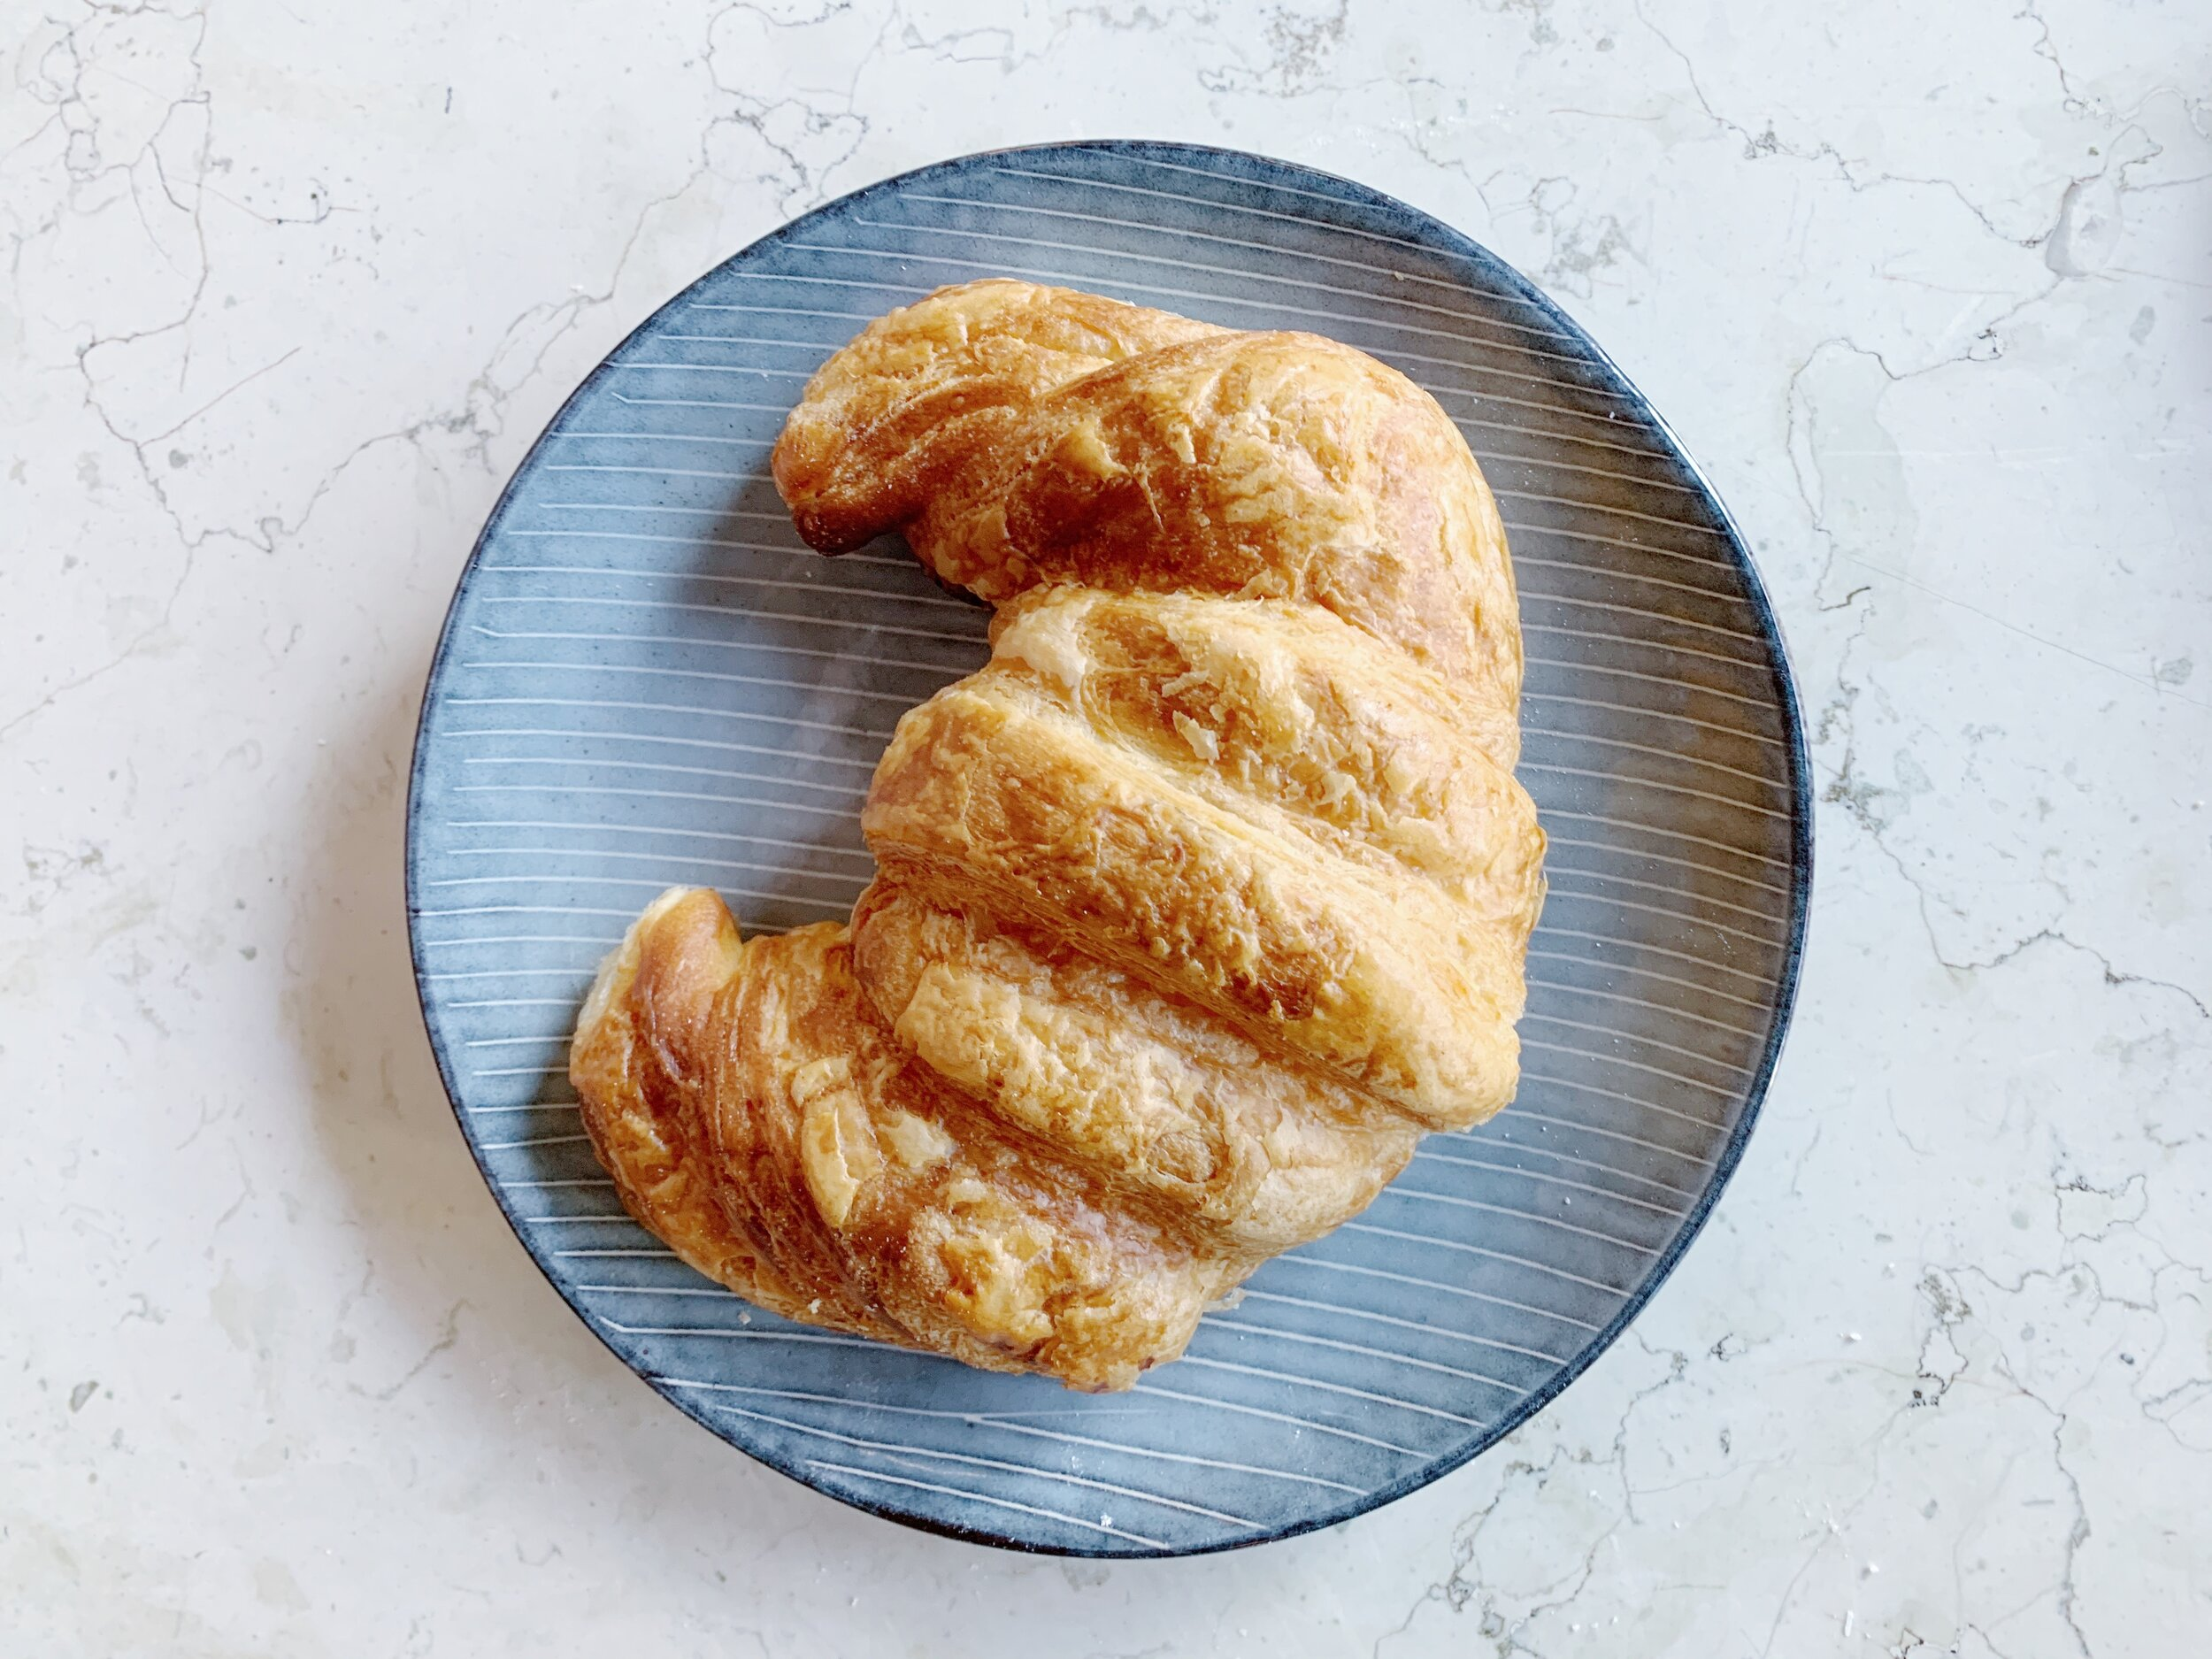 Copy of Croissant